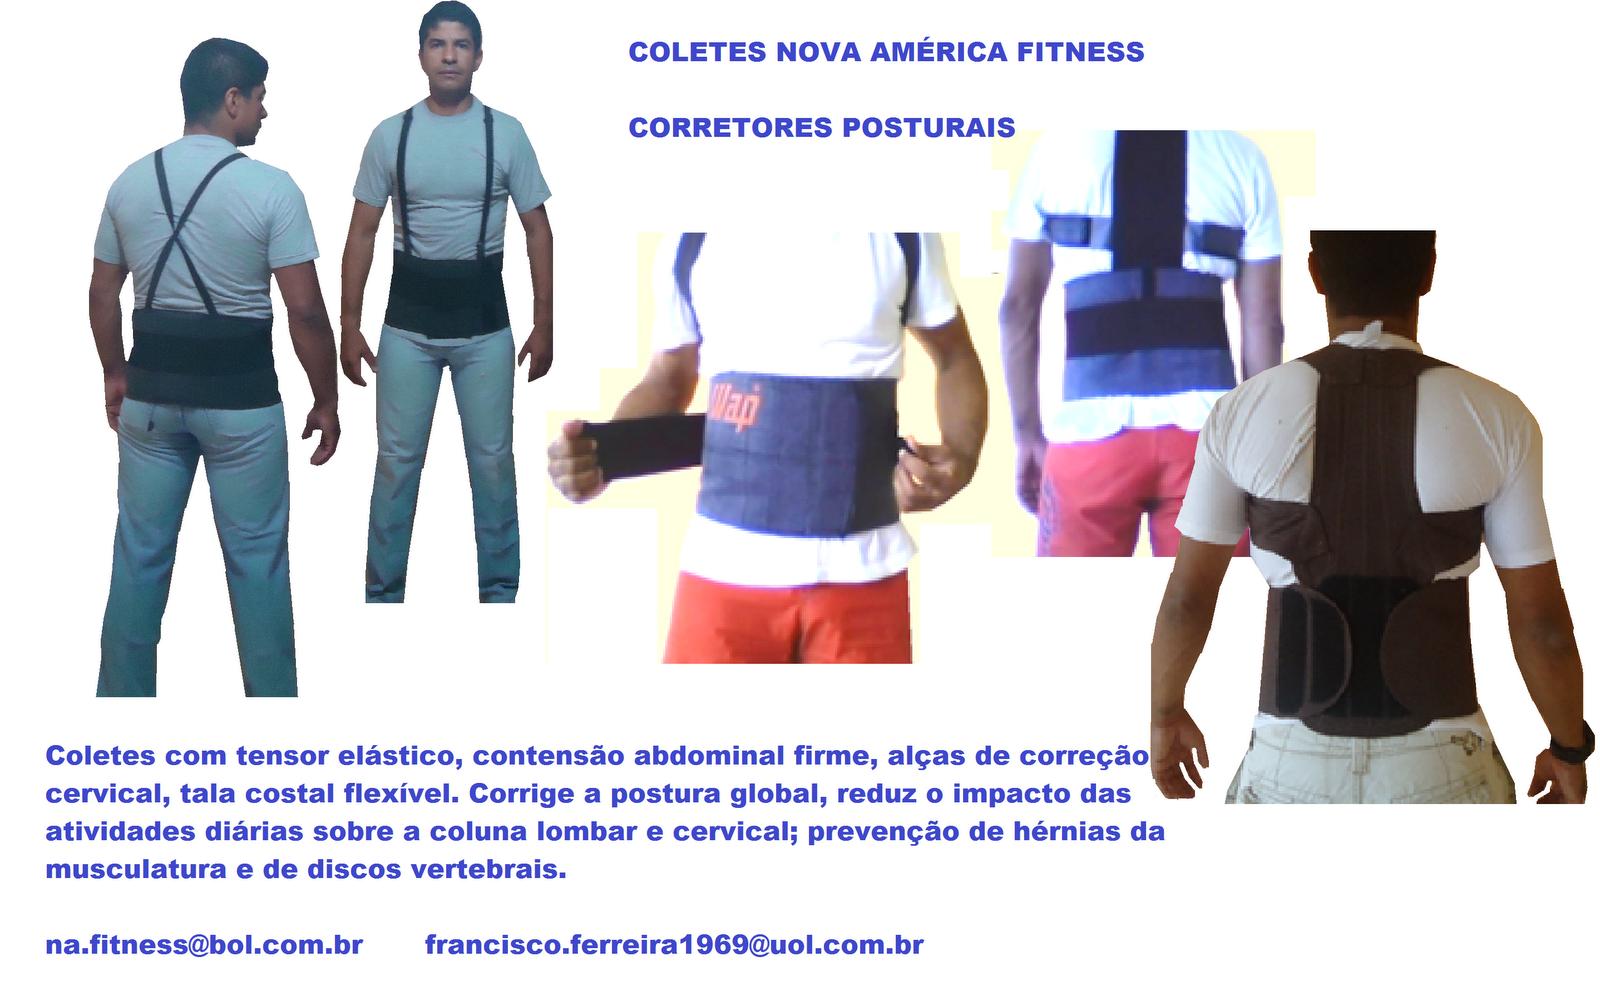 Nova America Fitness